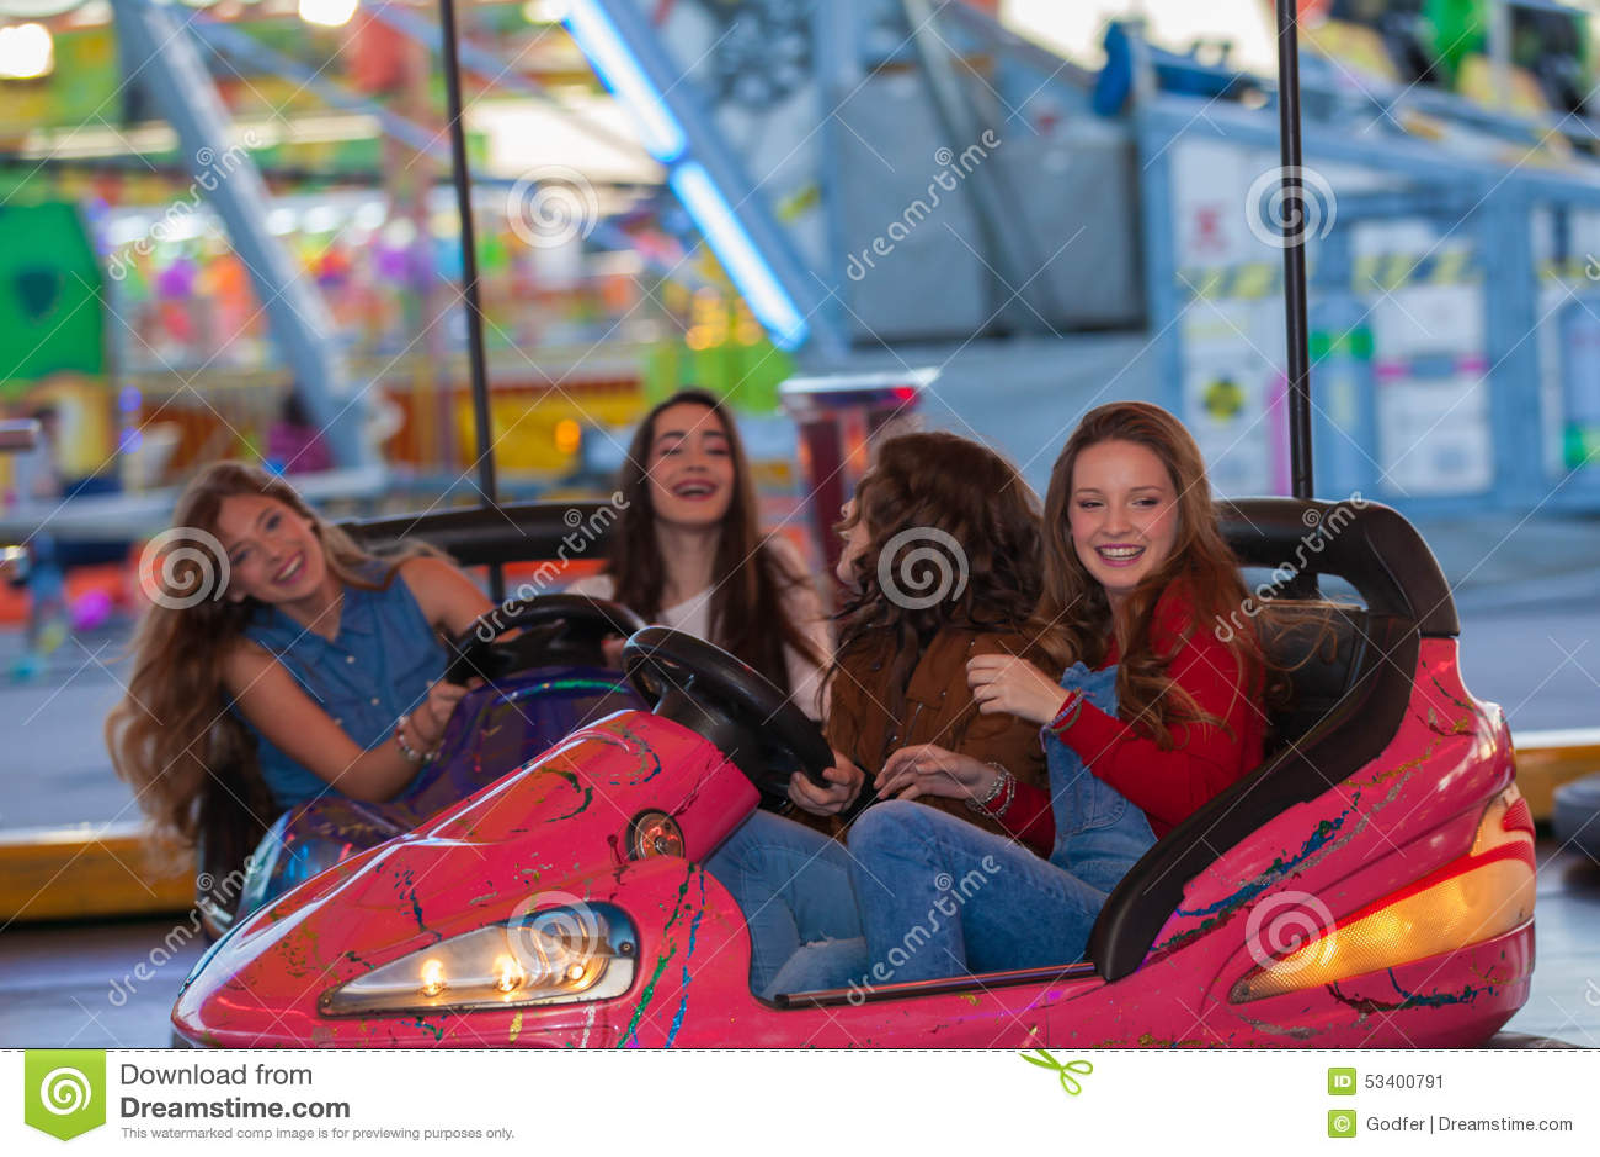 Gruppe Kinder am Funfair oder am Rummelplatz